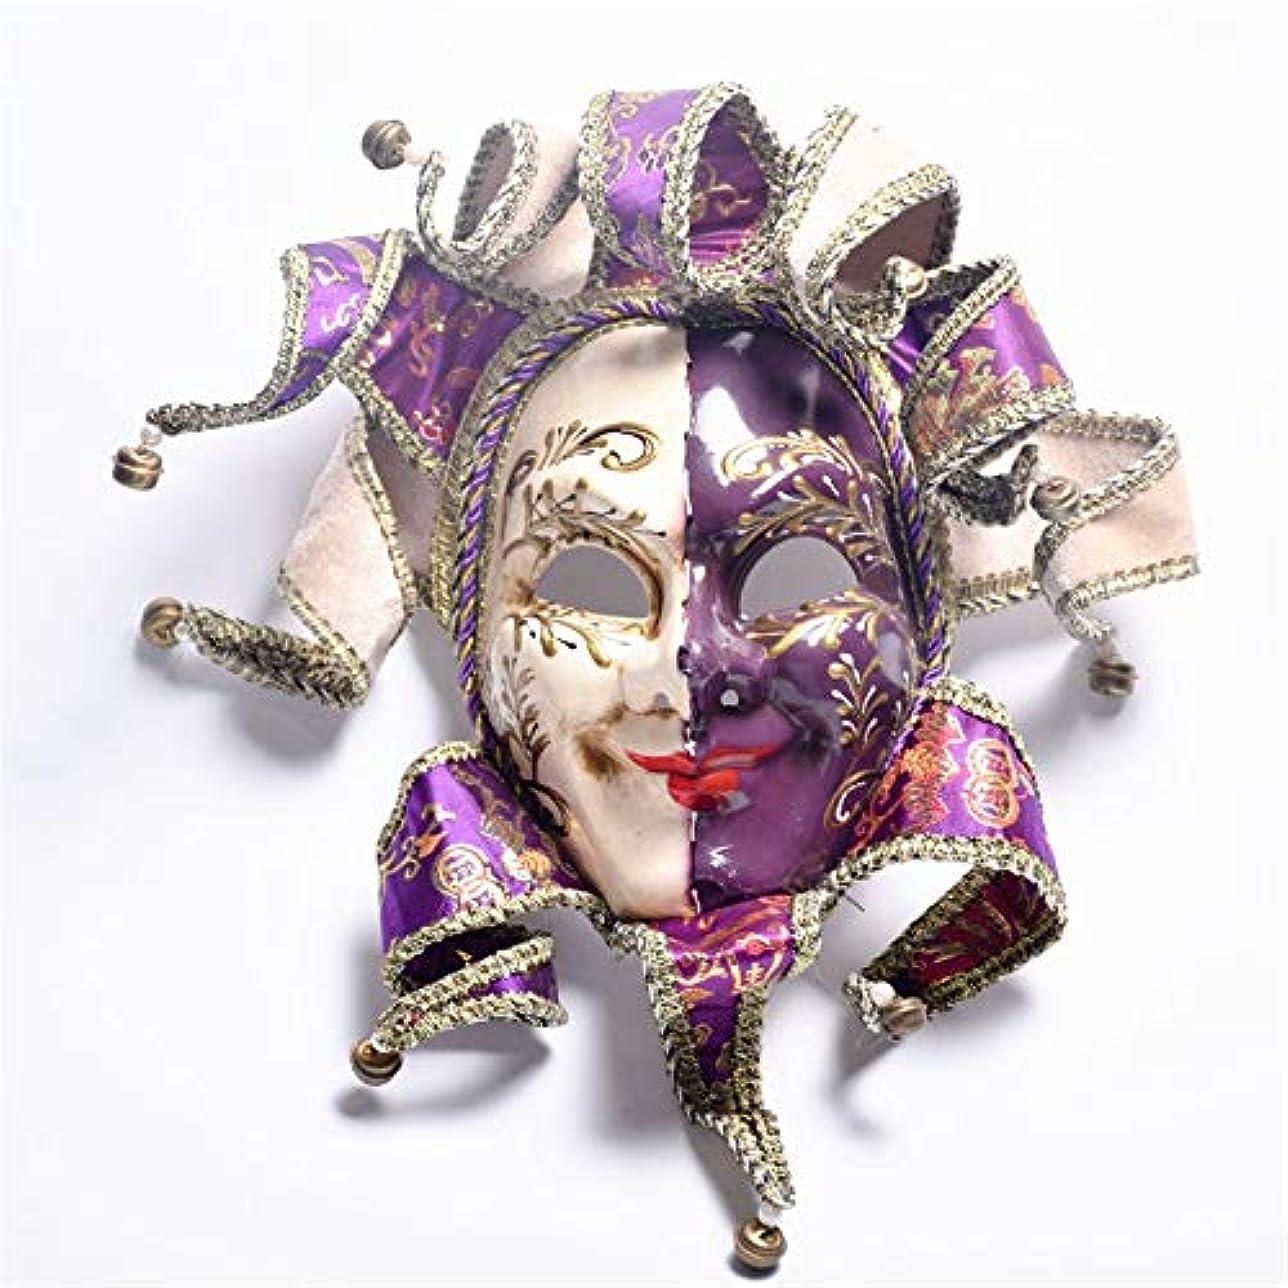 九助言する確立しますダンスマスク 塗装フルフェイスパフォーマンス小道具ハロウィンパーティー仮装祭りロールプレイナイトクラブパーティープラスチックマスク ホリデーパーティー用品 (色 : 紫の, サイズ : 50x36cm)